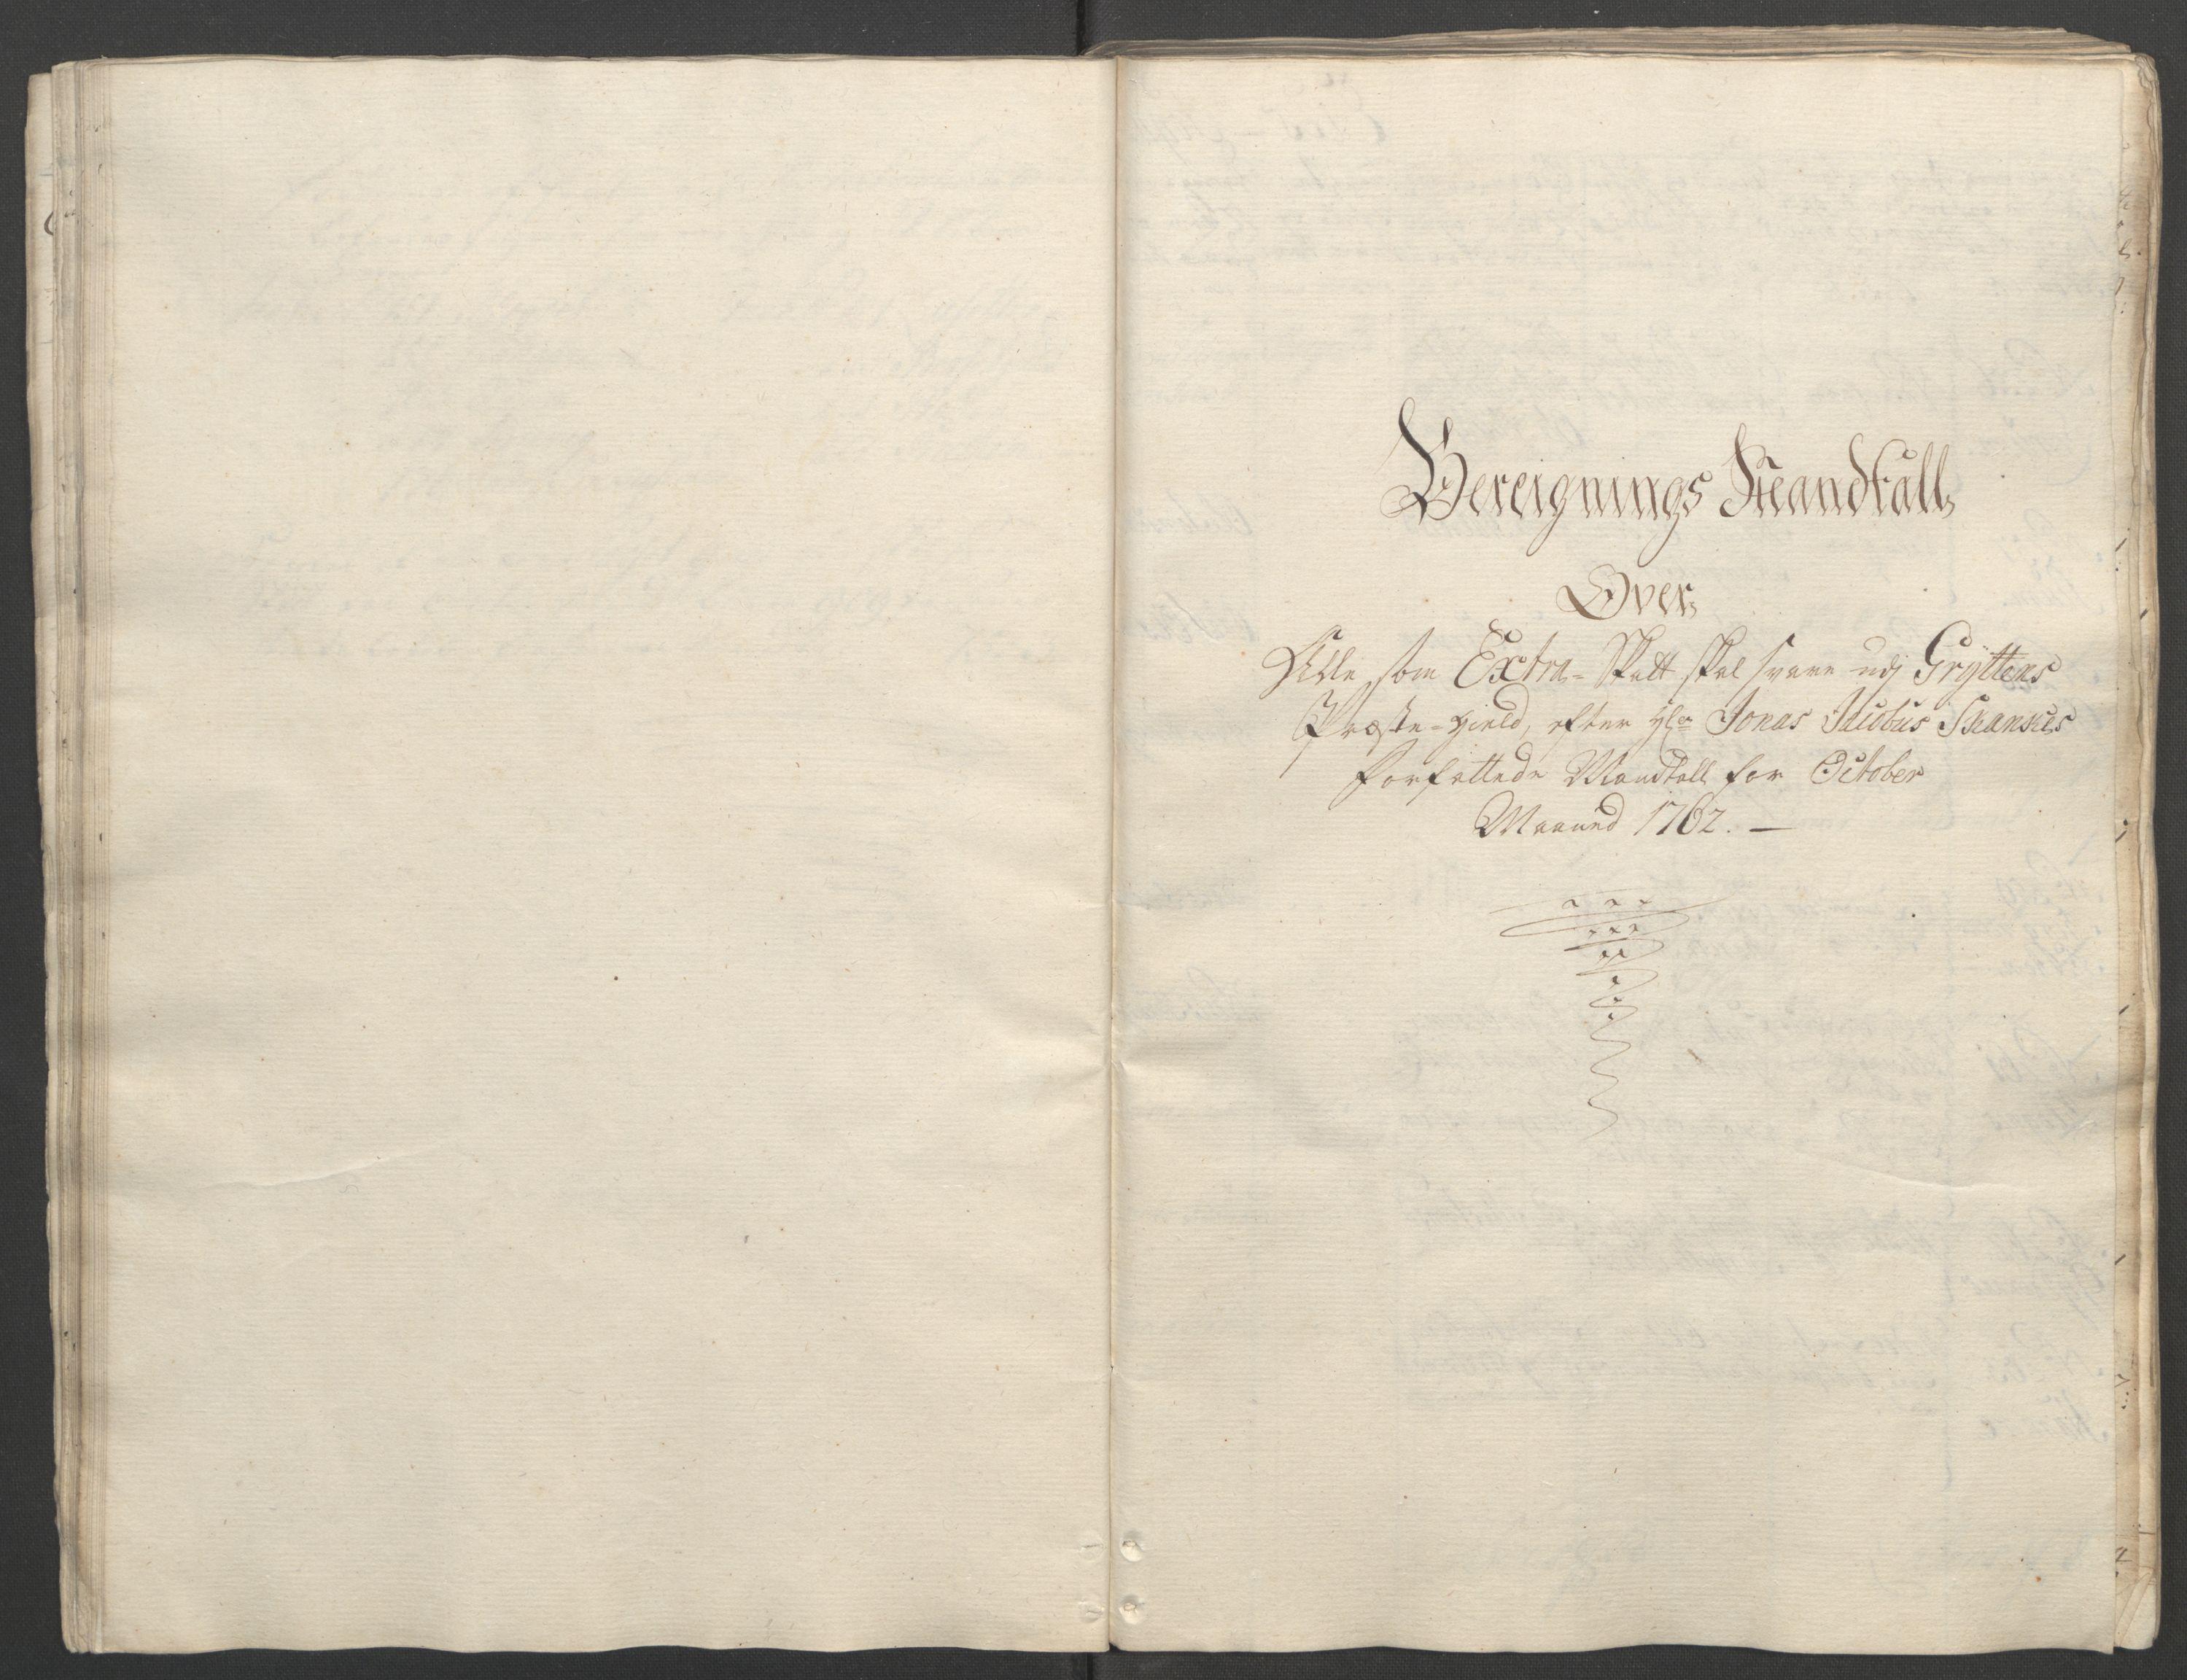 RA, Rentekammeret inntil 1814, Reviderte regnskaper, Fogderegnskap, R55/L3730: Ekstraskatten Romsdal, 1762-1763, s. 42